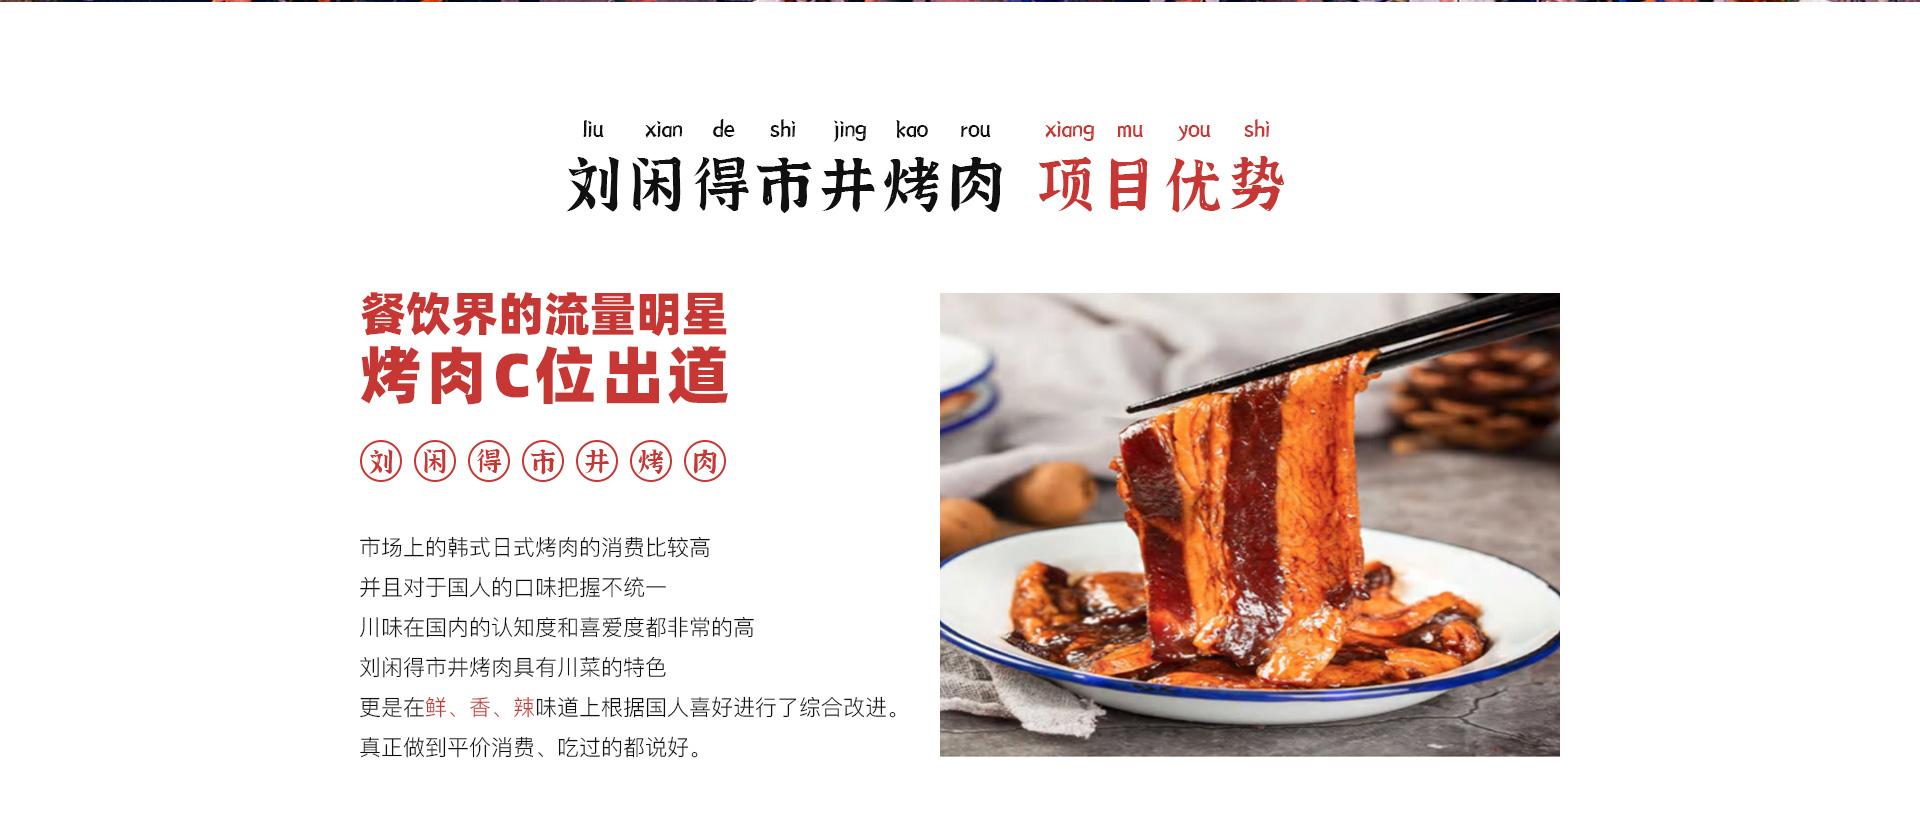 刘闲得市井烤肉详情_13